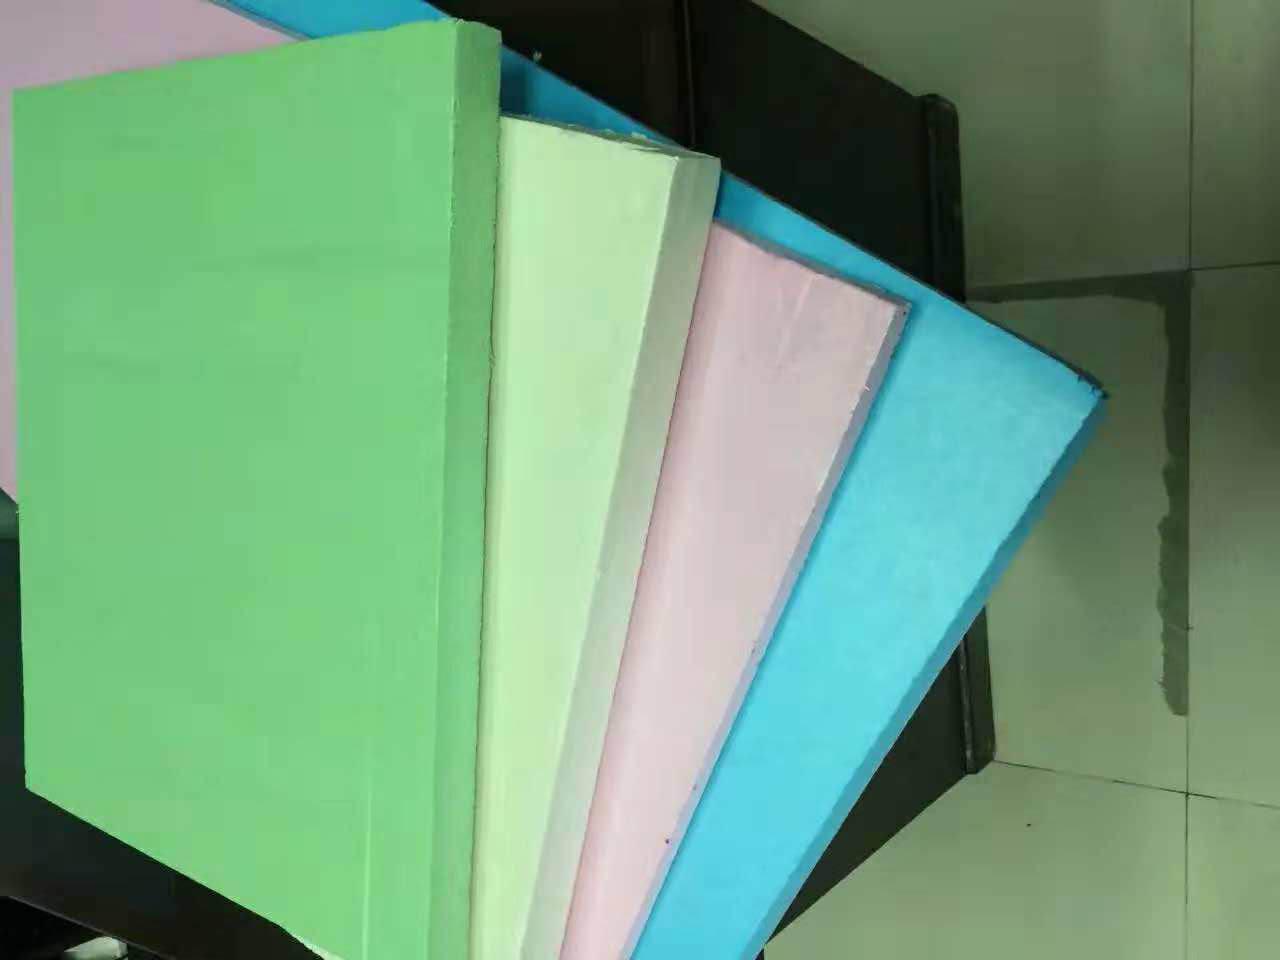 橫瀝xps擠塑板廠商-莞穗陶粒專業供應xps擠塑板